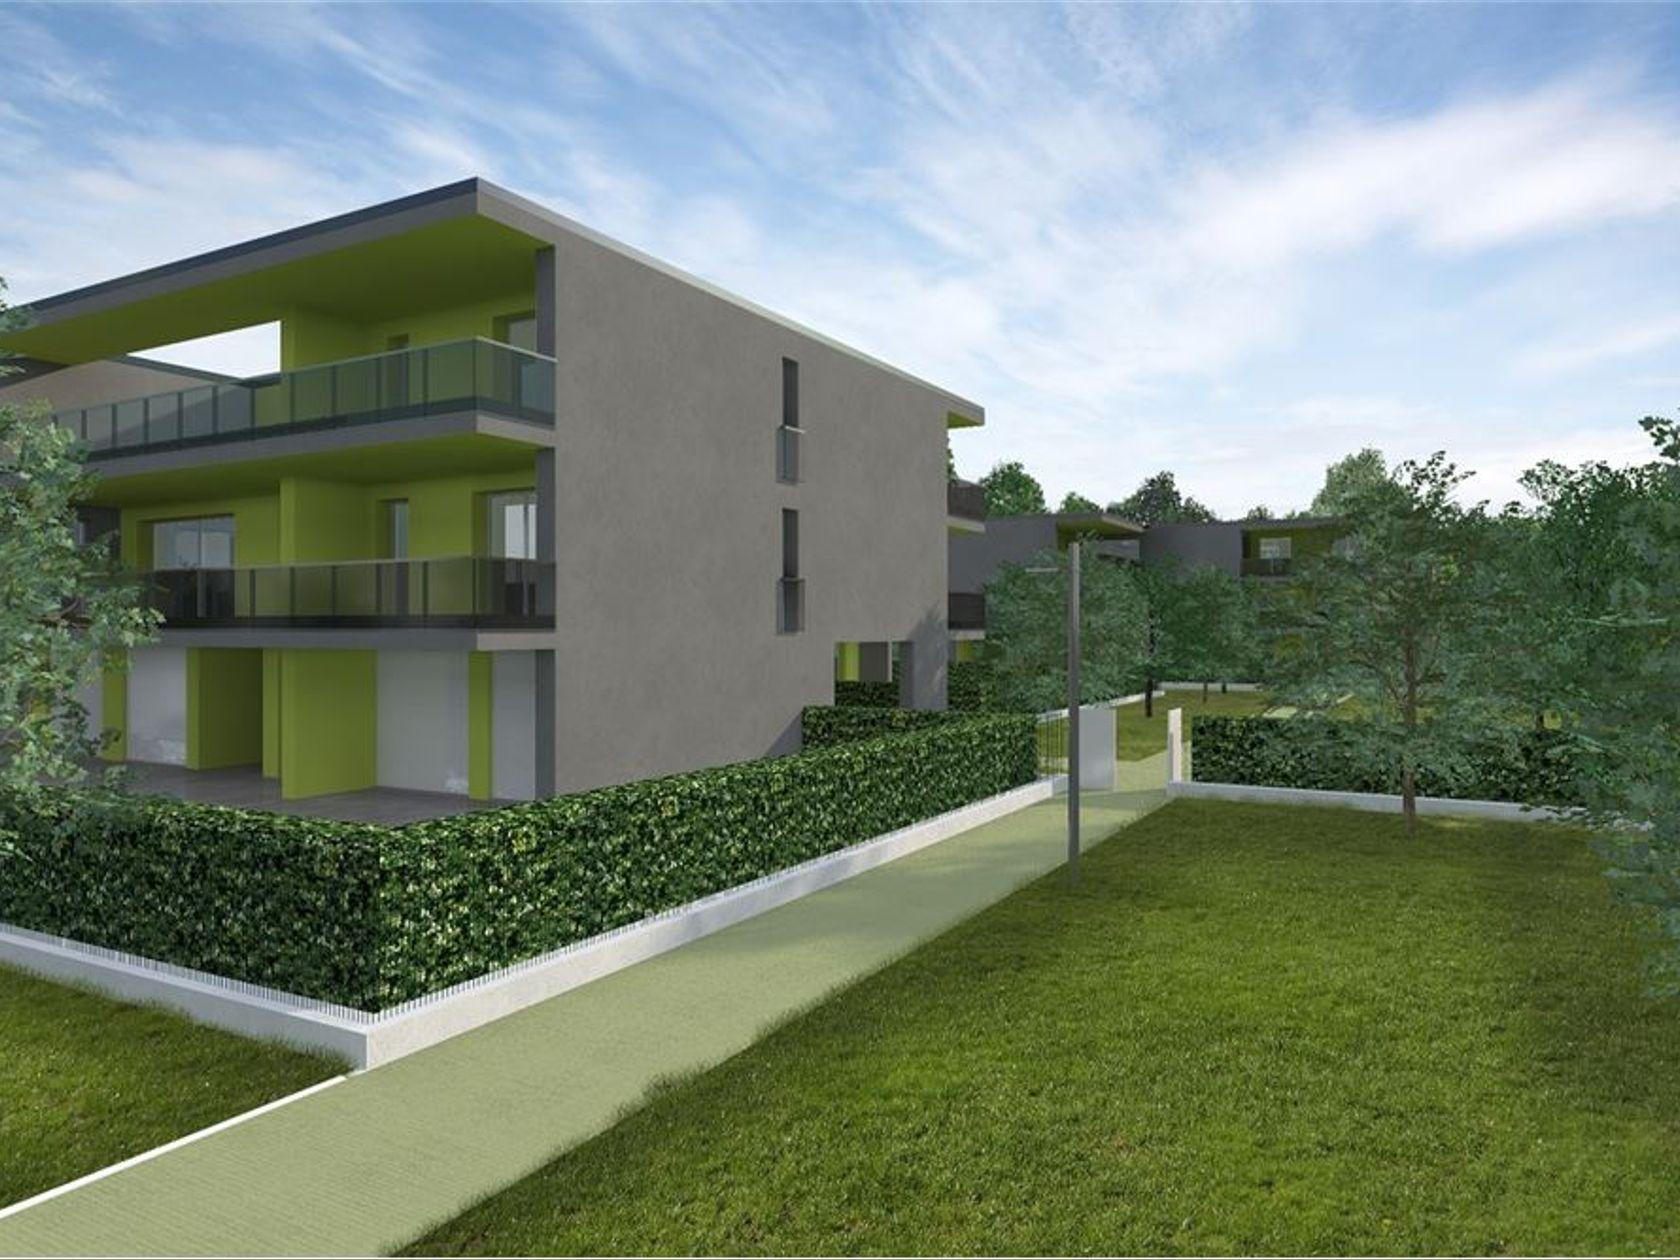 Appartamento Tencarola, Selvazzano Dentro, PD Vendita - Foto 4